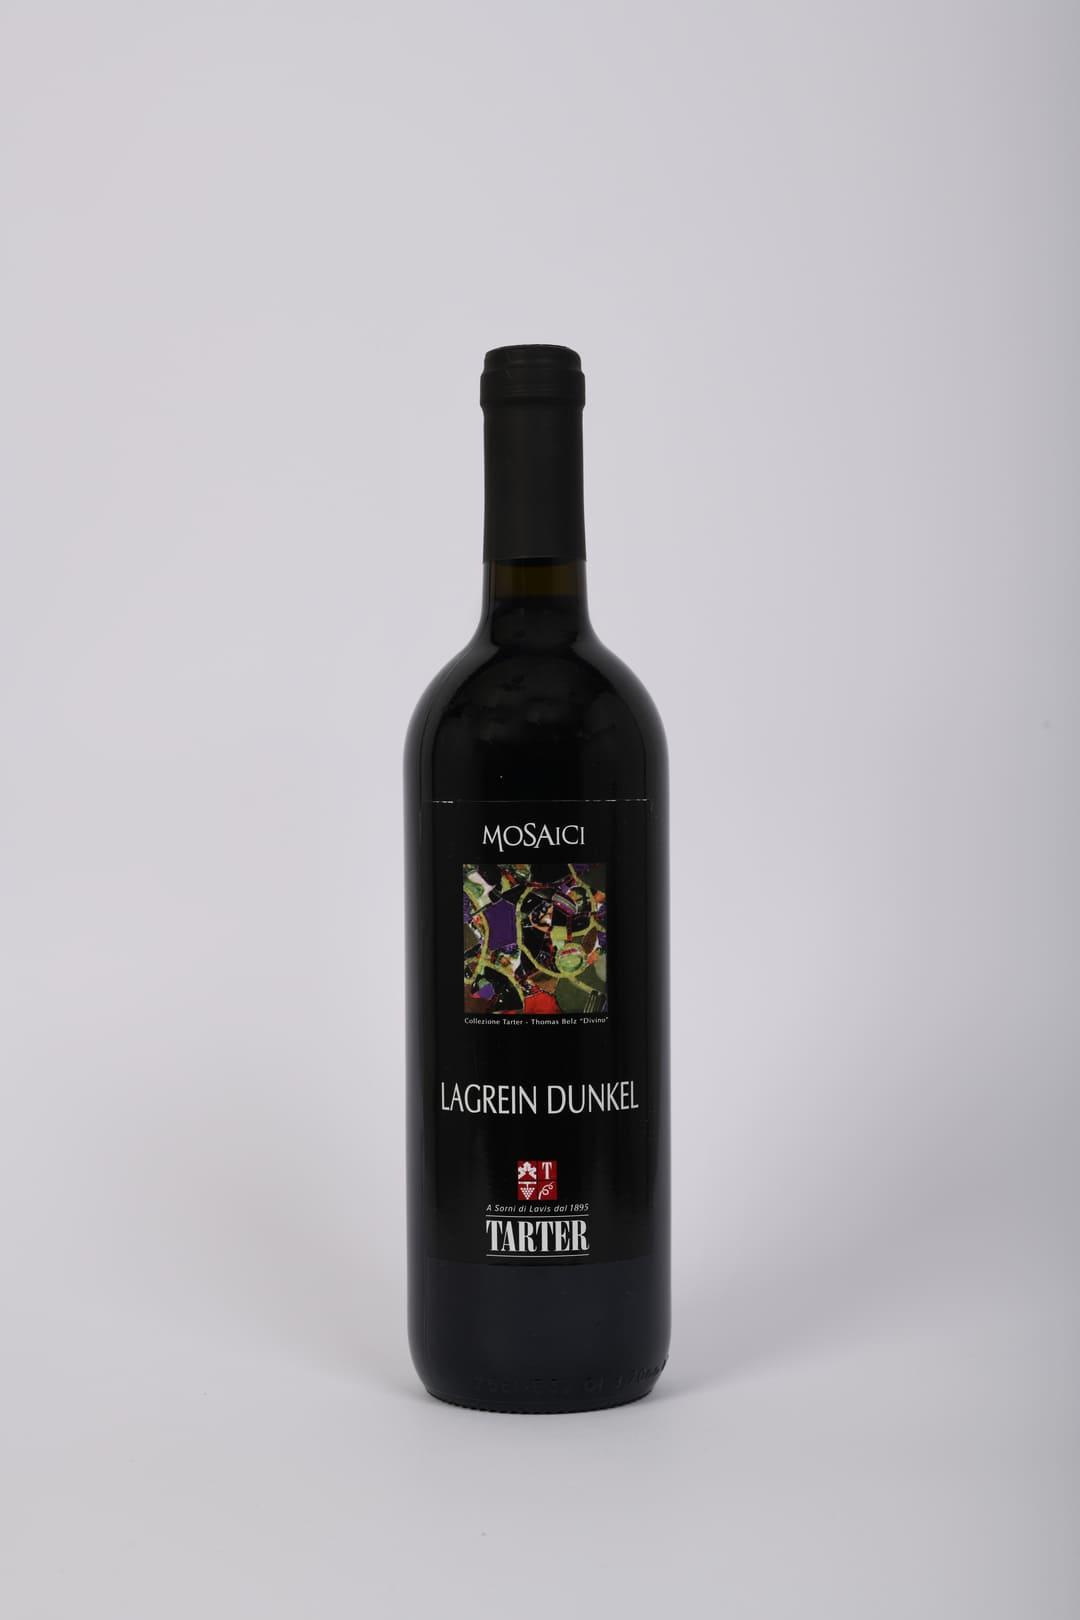 Bottiglia di vino rosso trentino lagrein dunkel